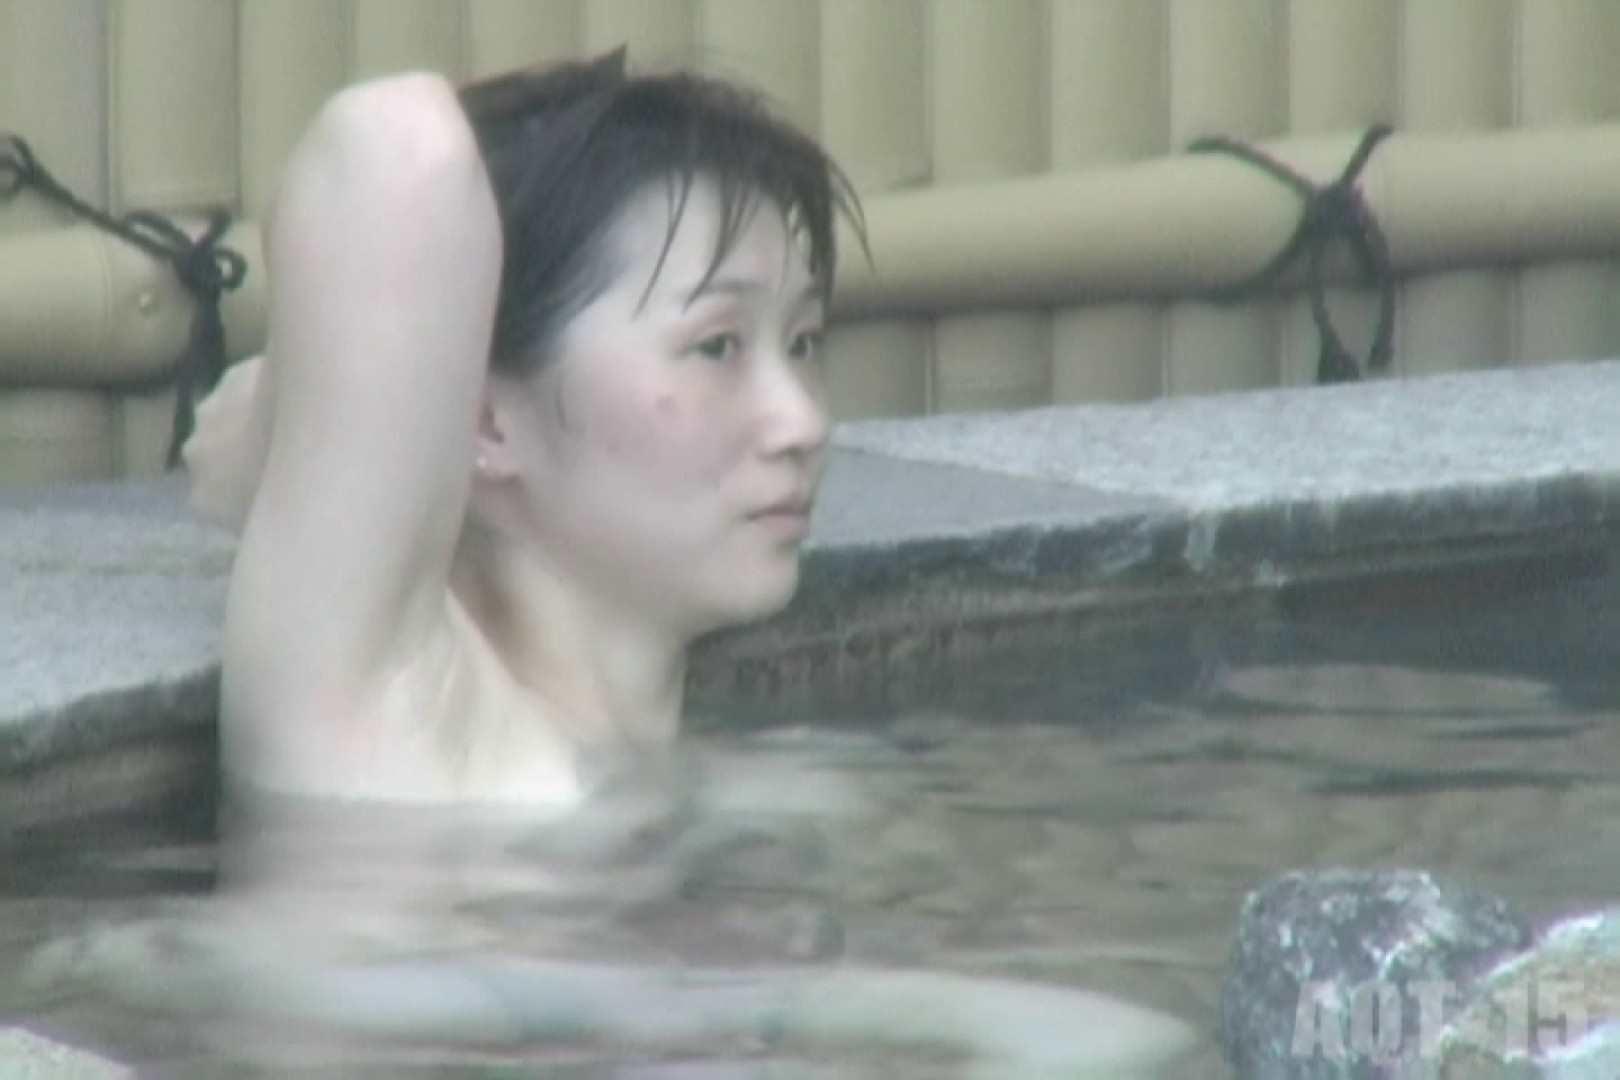 Aquaな露天風呂Vol.831 盗撮  75枚 57